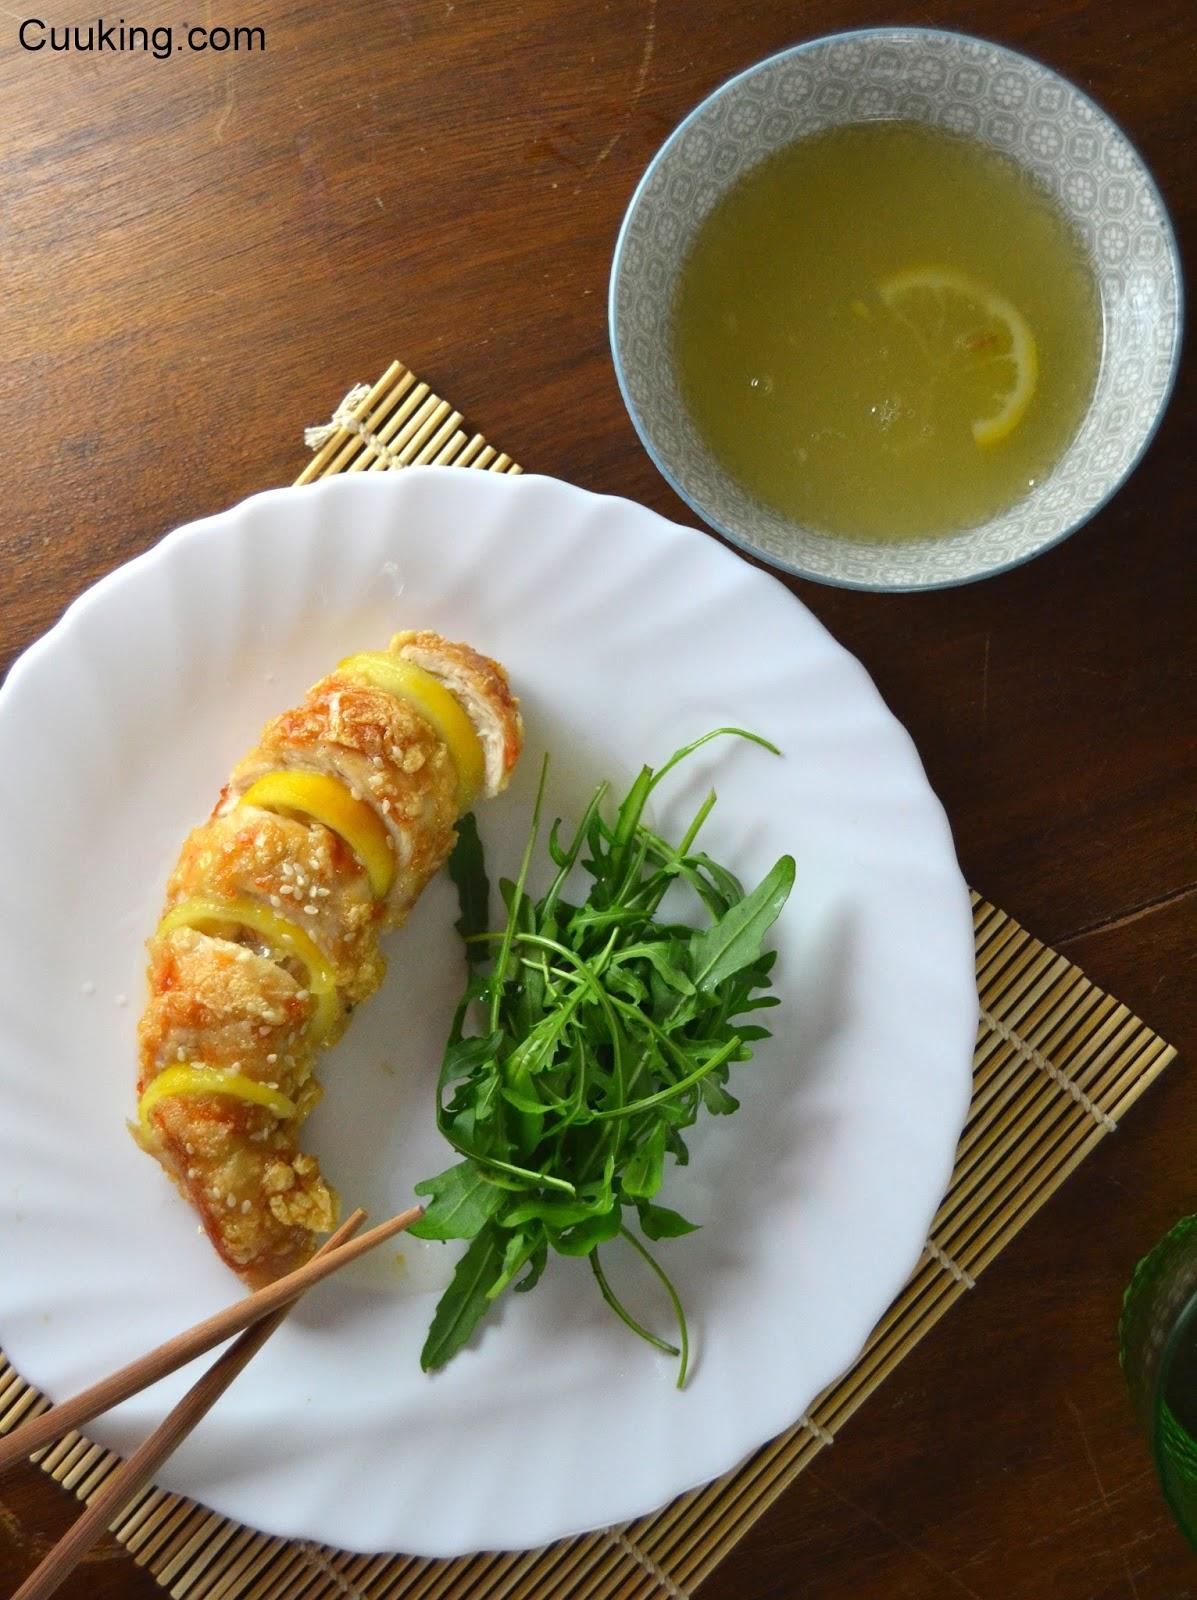 Pollo al lim n cuuking recetas de cocina - Salsa de pollo al limon ...